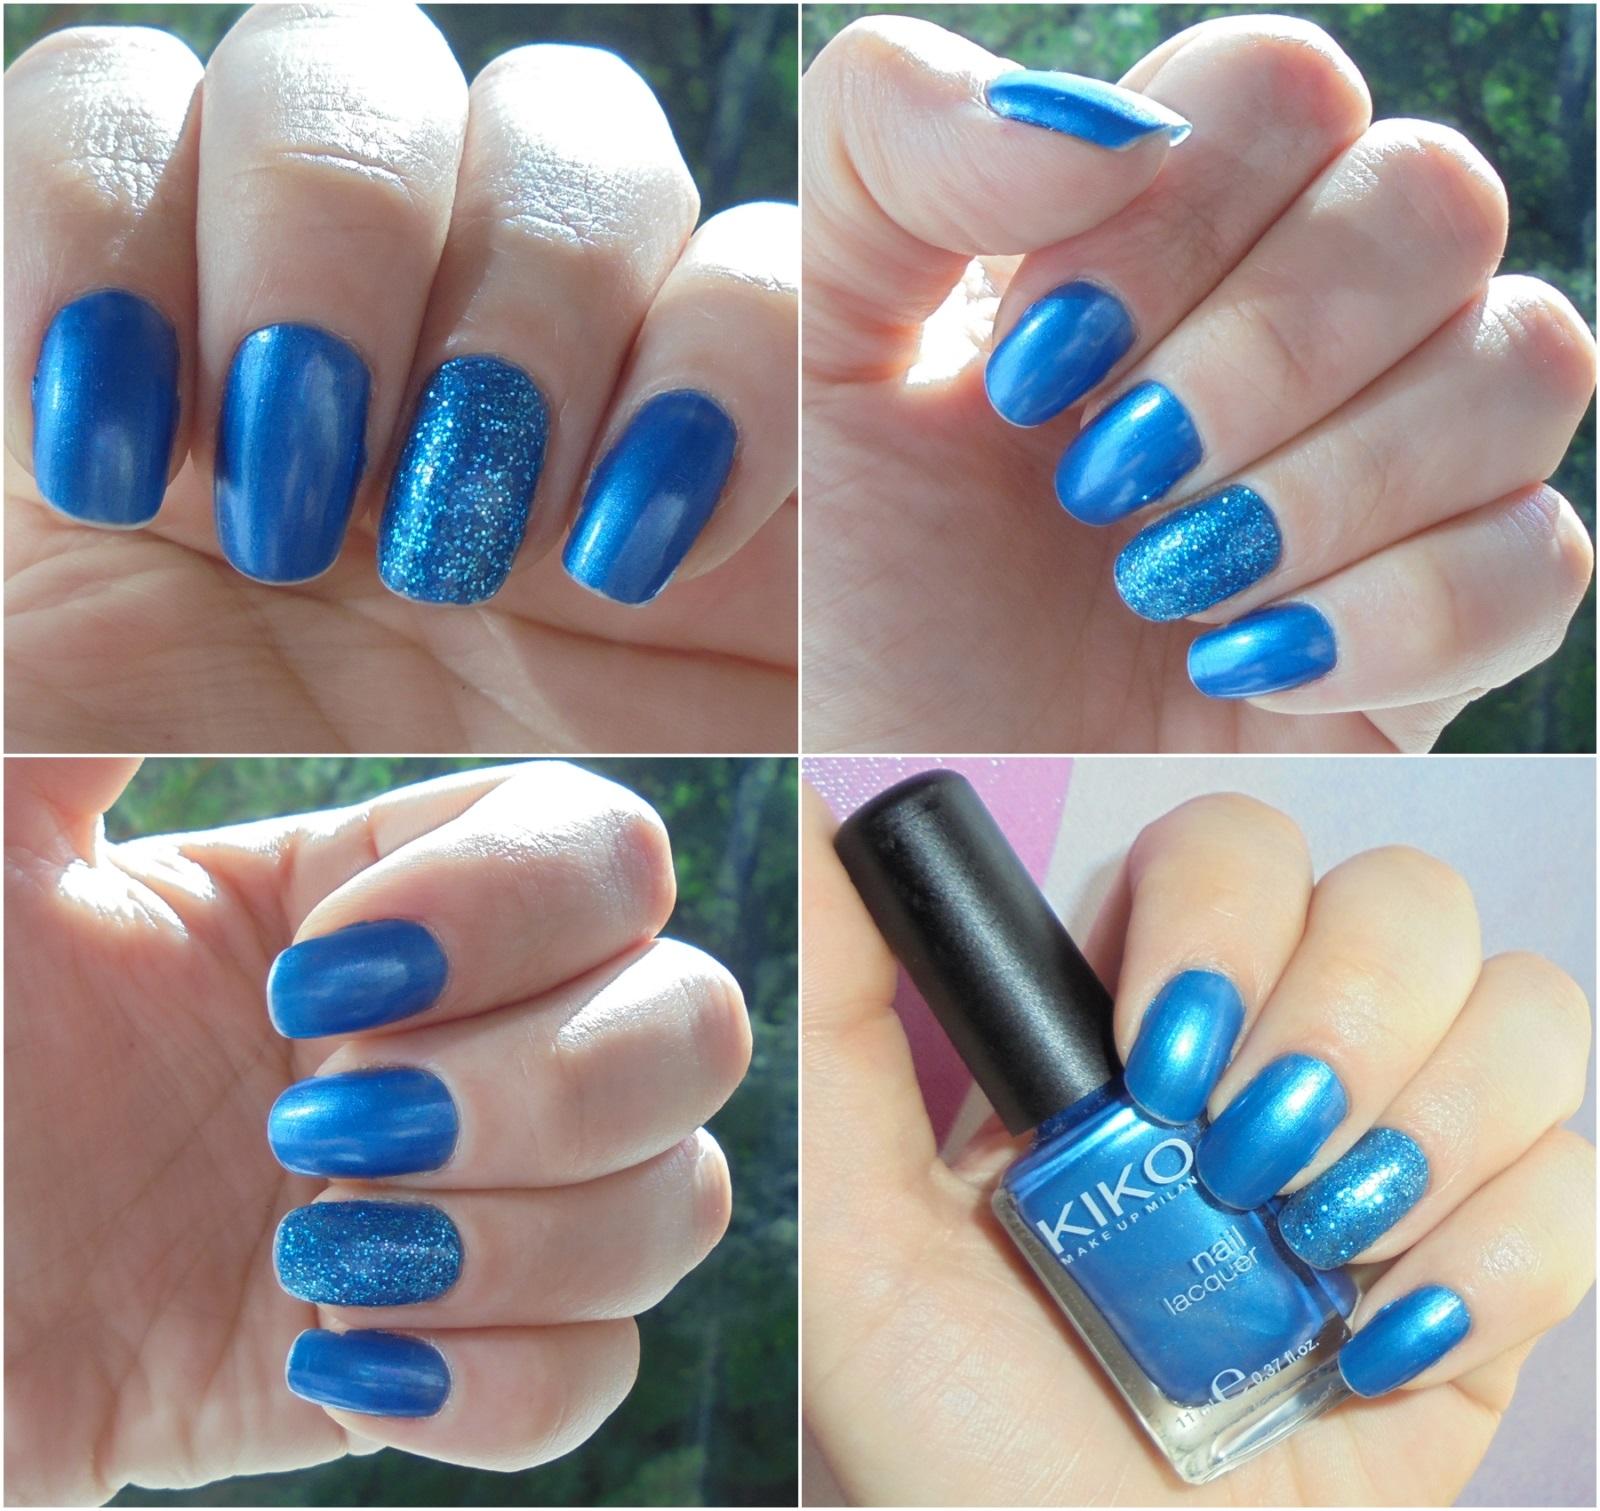 unhas-da-semana-kiko-cosmetics-nail-lacquer-267-2